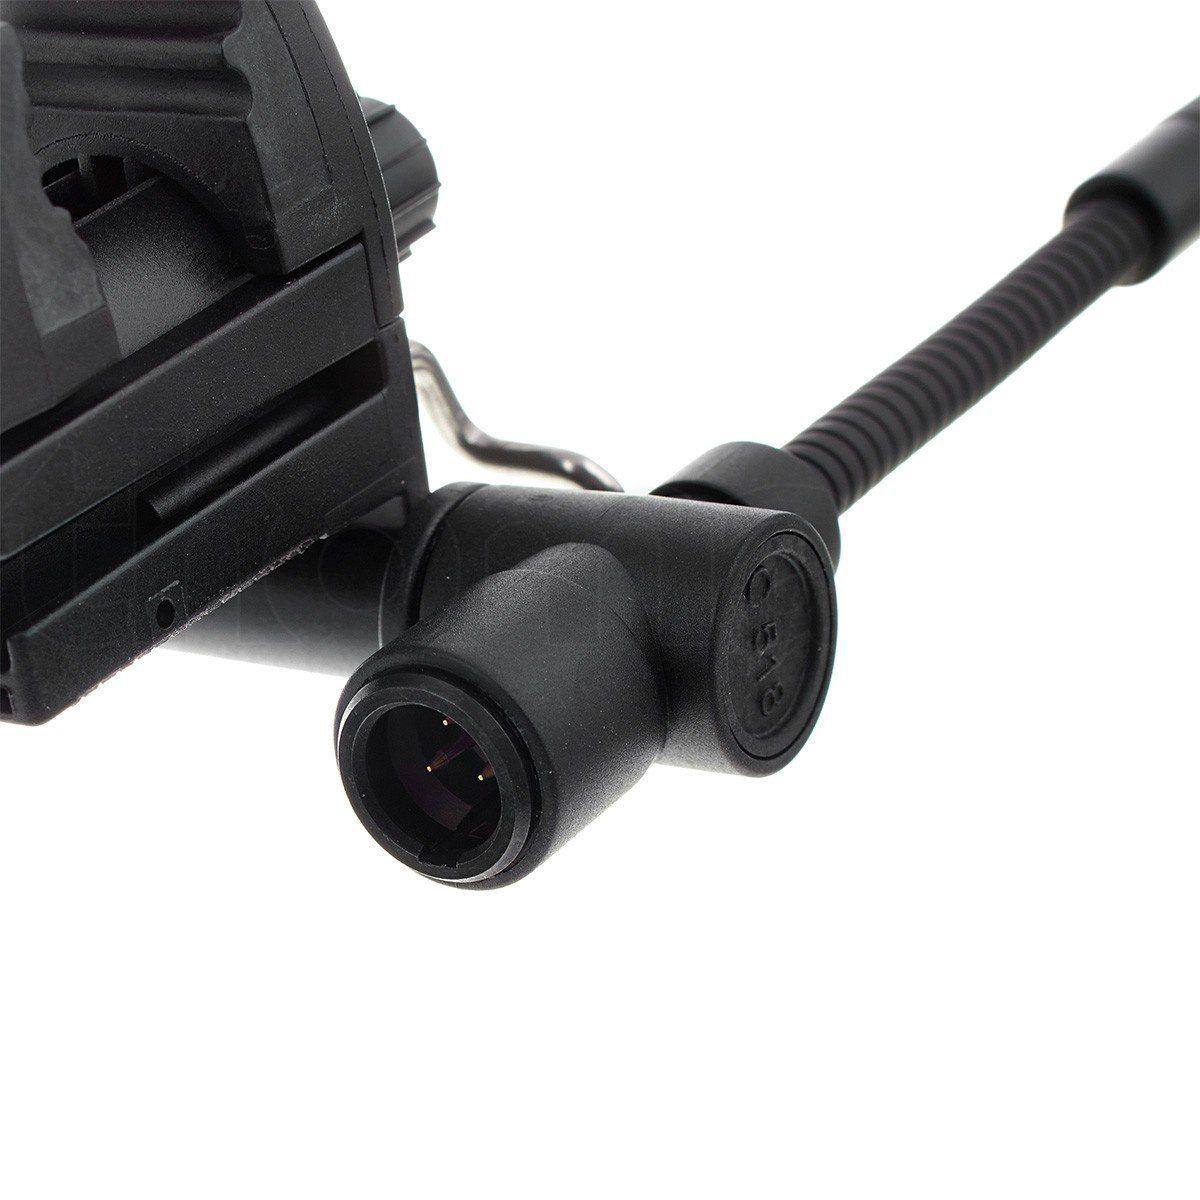 Akg C518 ML Microfone Cardioide Akg C518-ML para Instrumentos de Percussão